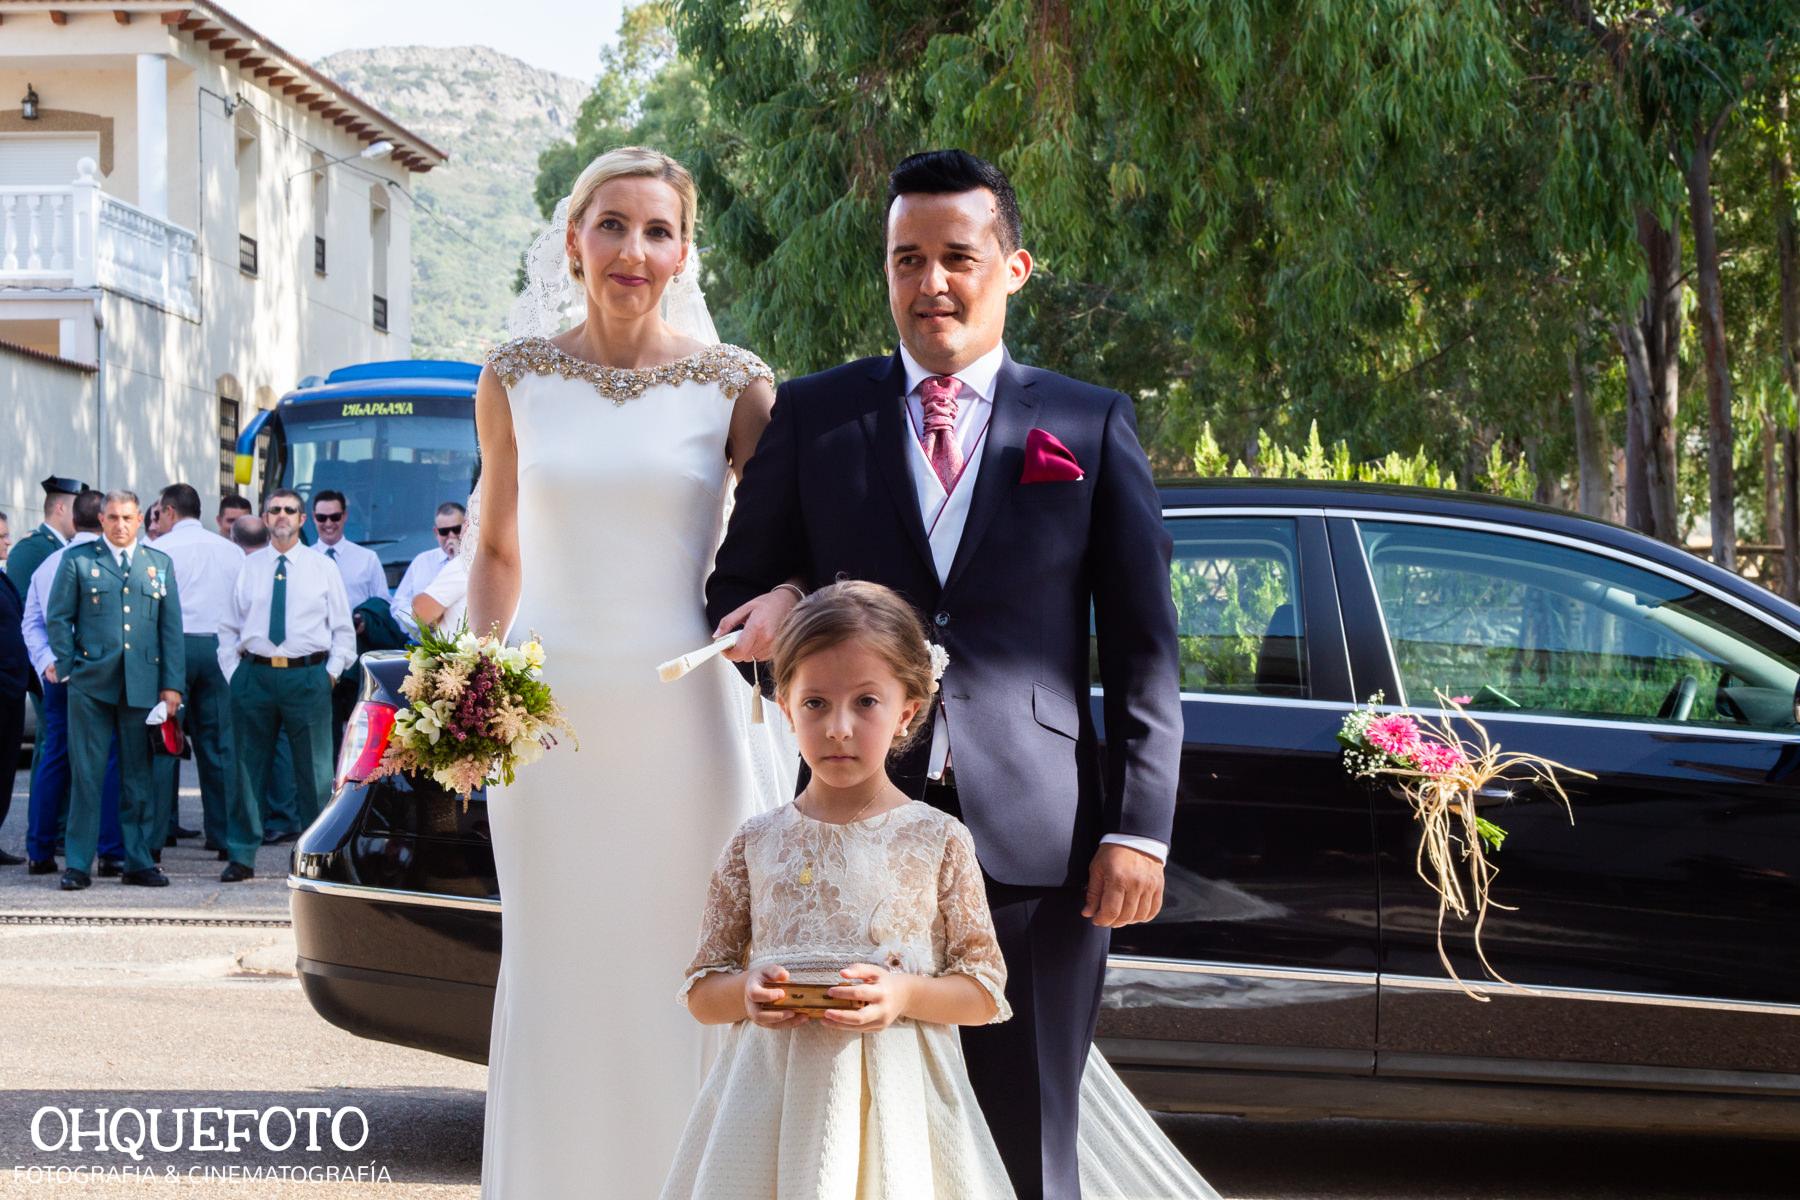 boda en la peraleda boda en cabeza del buey boda en capilla reportaje de bodas en almaden video de bodas en cordoba448 - Jose y Gema - Boda en Zarza Capilla y la Finca La Peraleda (Chillón)